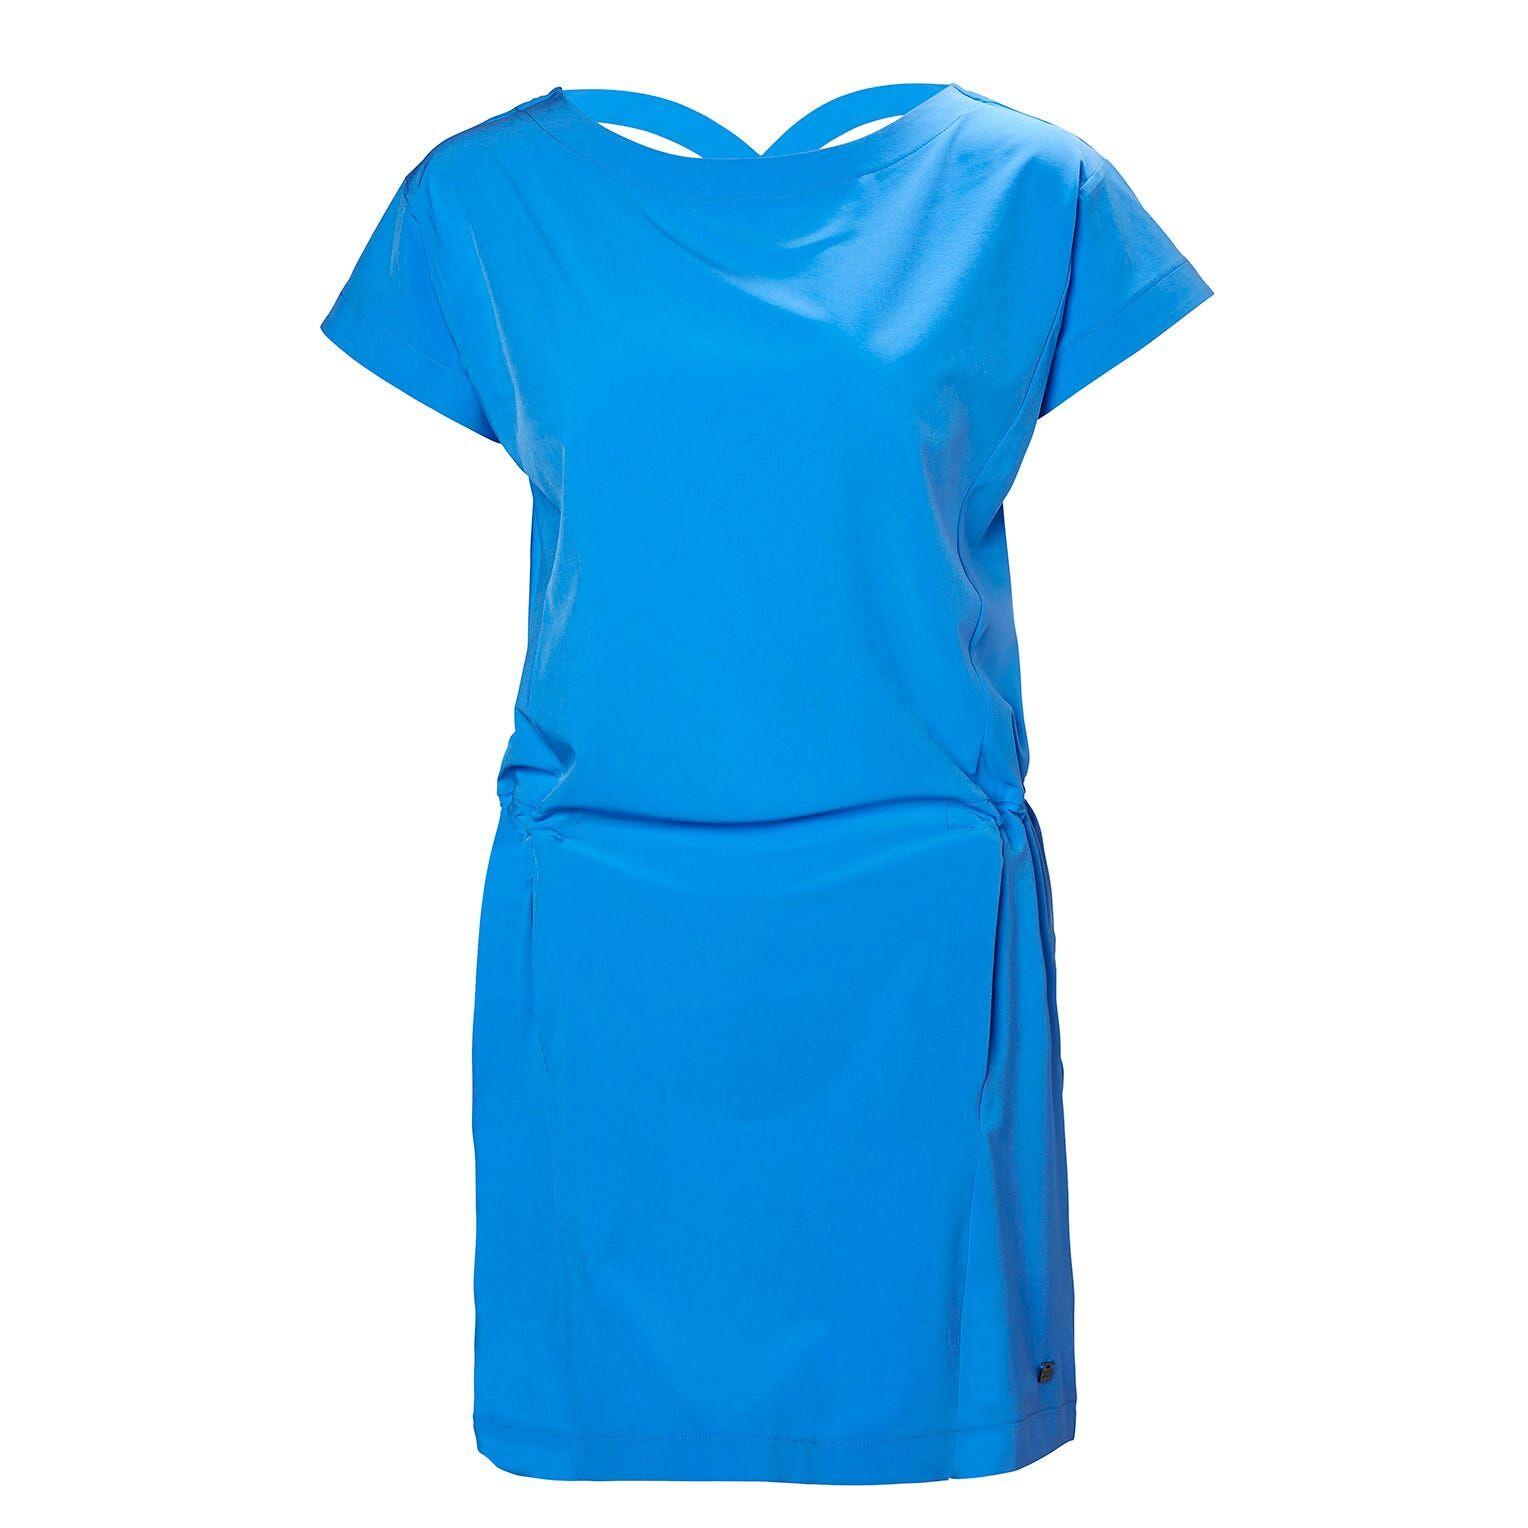 Helly Hansen W Siren Dress Womens Sailing Pant Blue XL